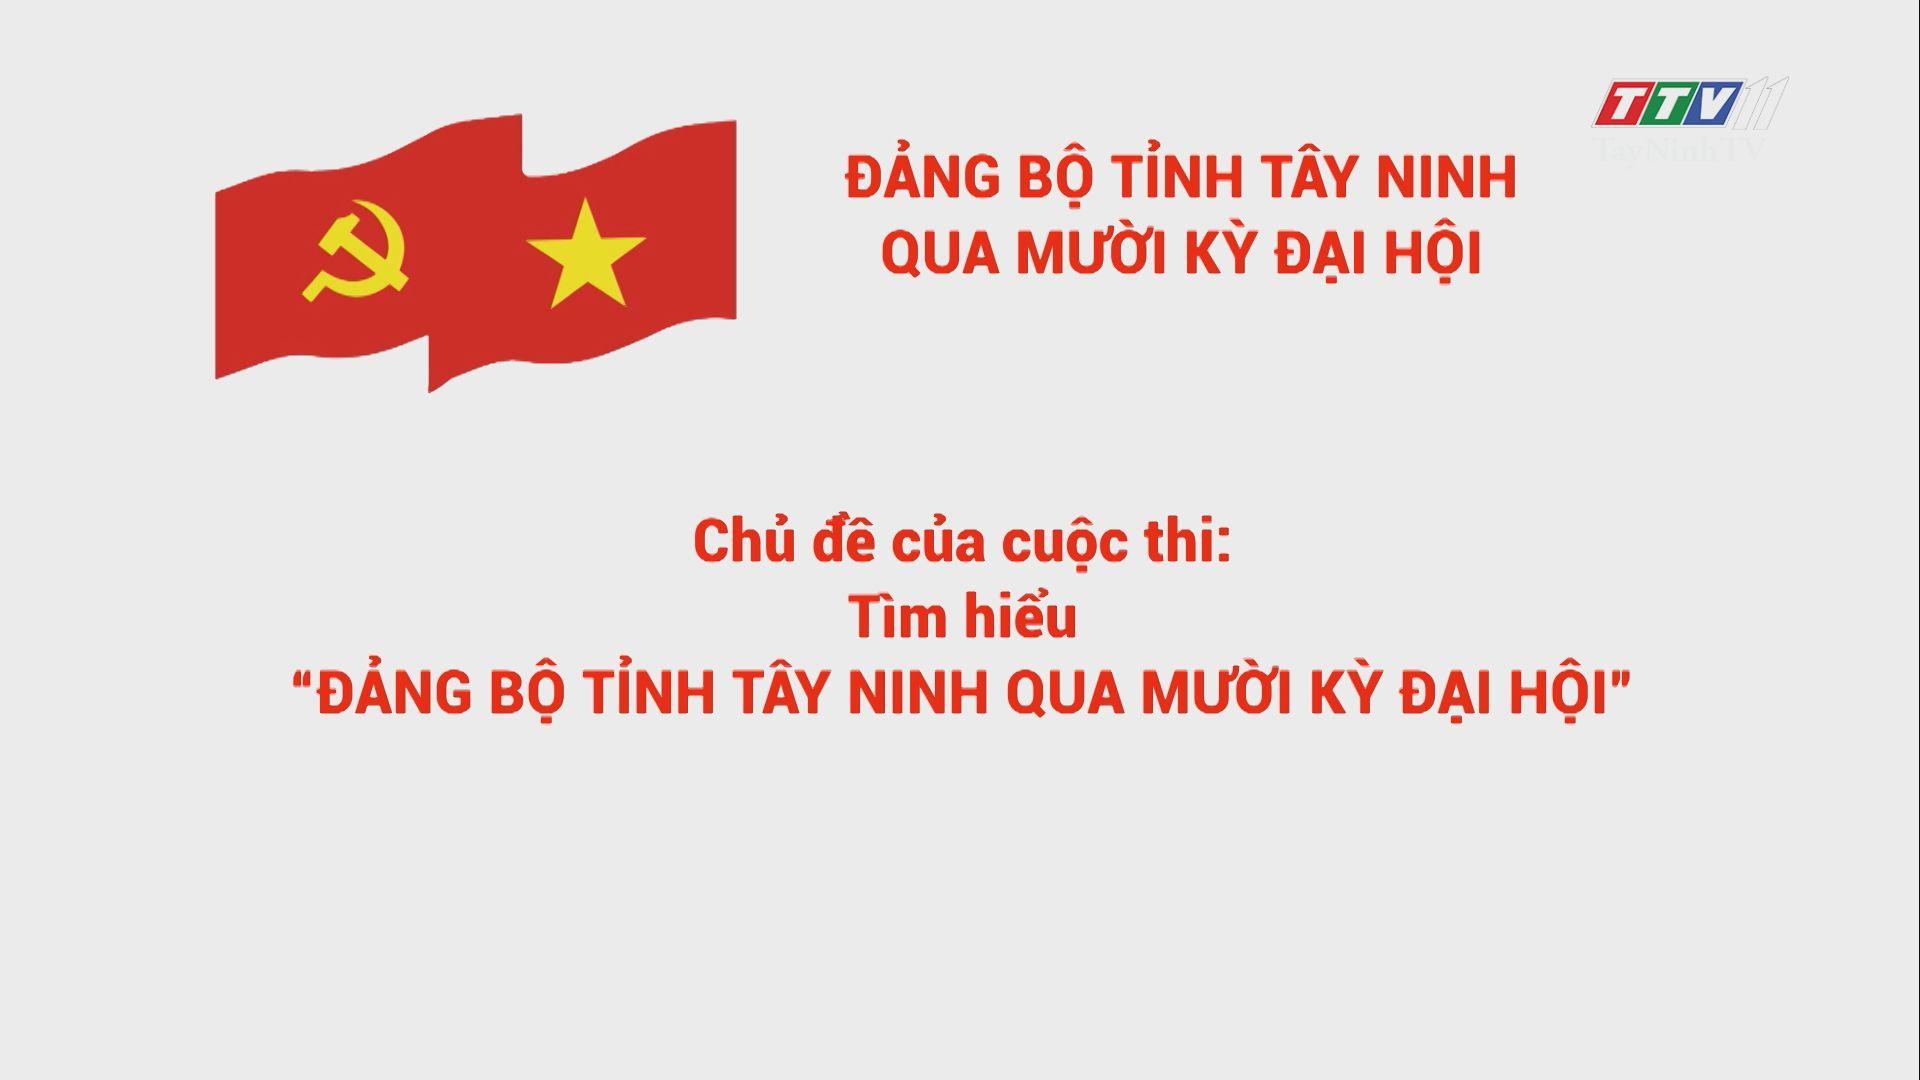 Cuộc thi: tìm hiểu Đảng bộ tỉnh Tây Ninh qua mười kỳ đại hội | TayNinhTV